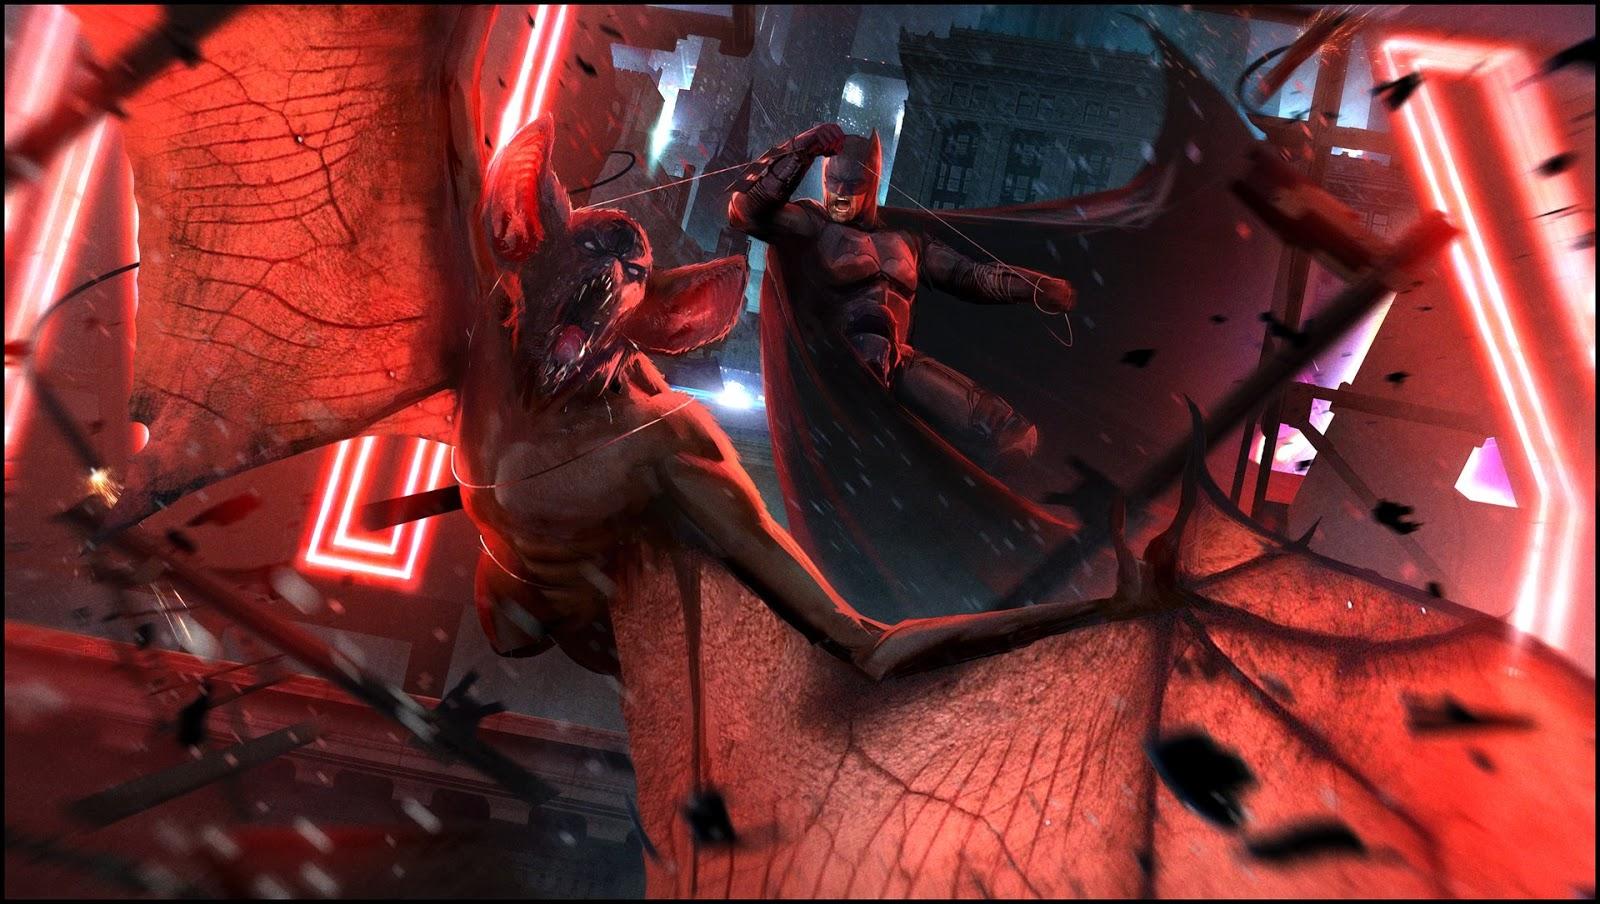 Batman vs Man Bat wallpaper in 1920x1080 pixels dc